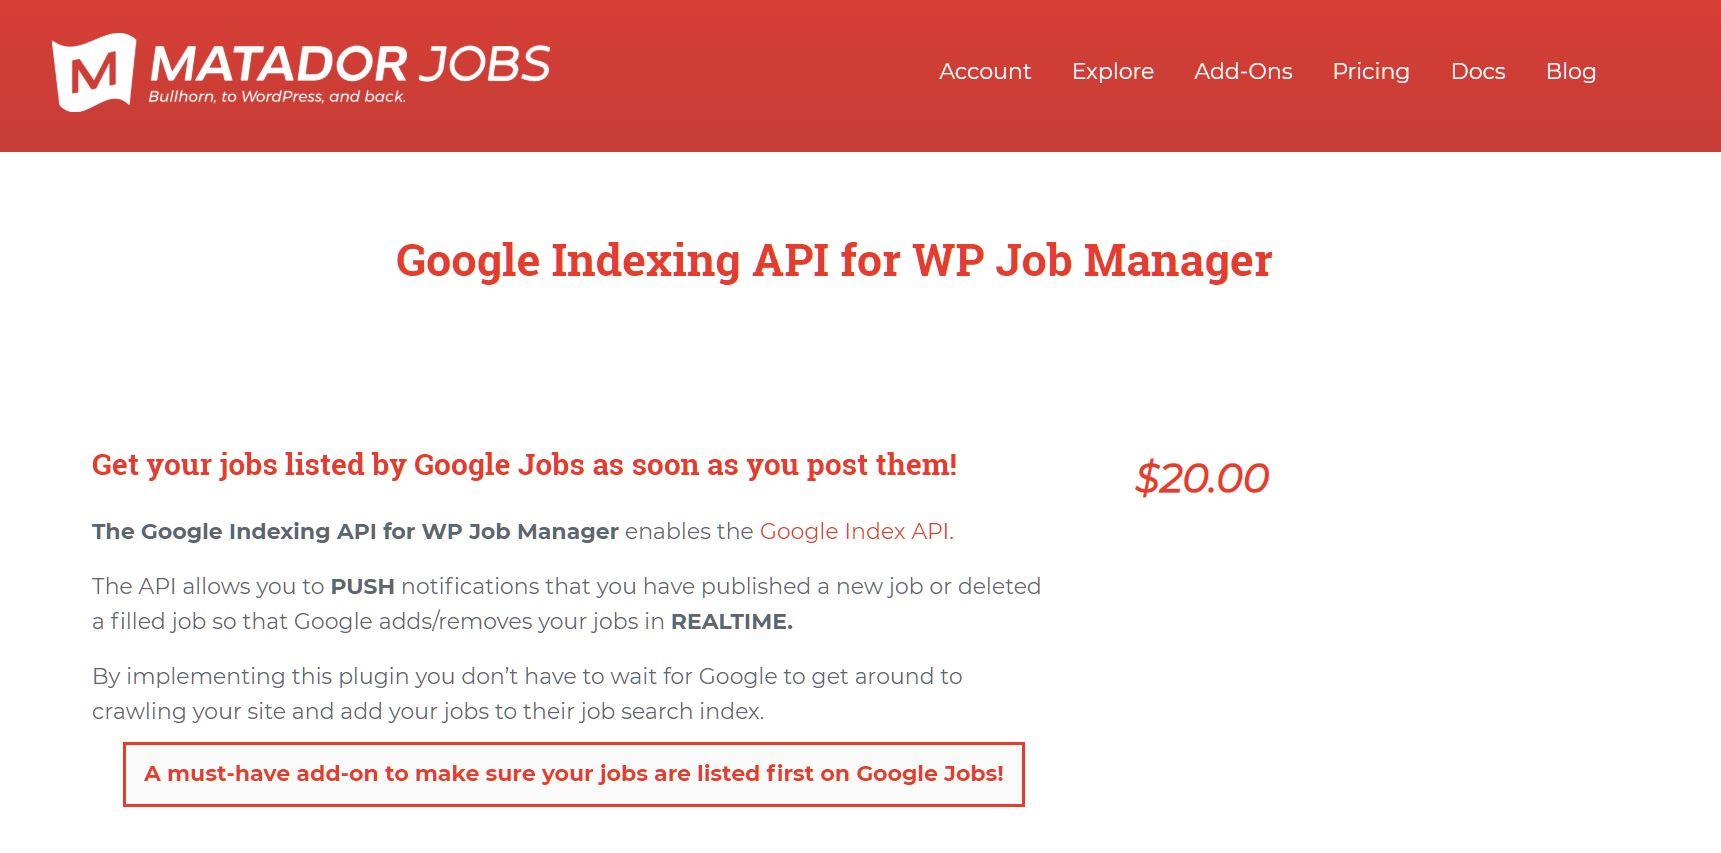 Google Indexing API for WP Job Manager screenshot